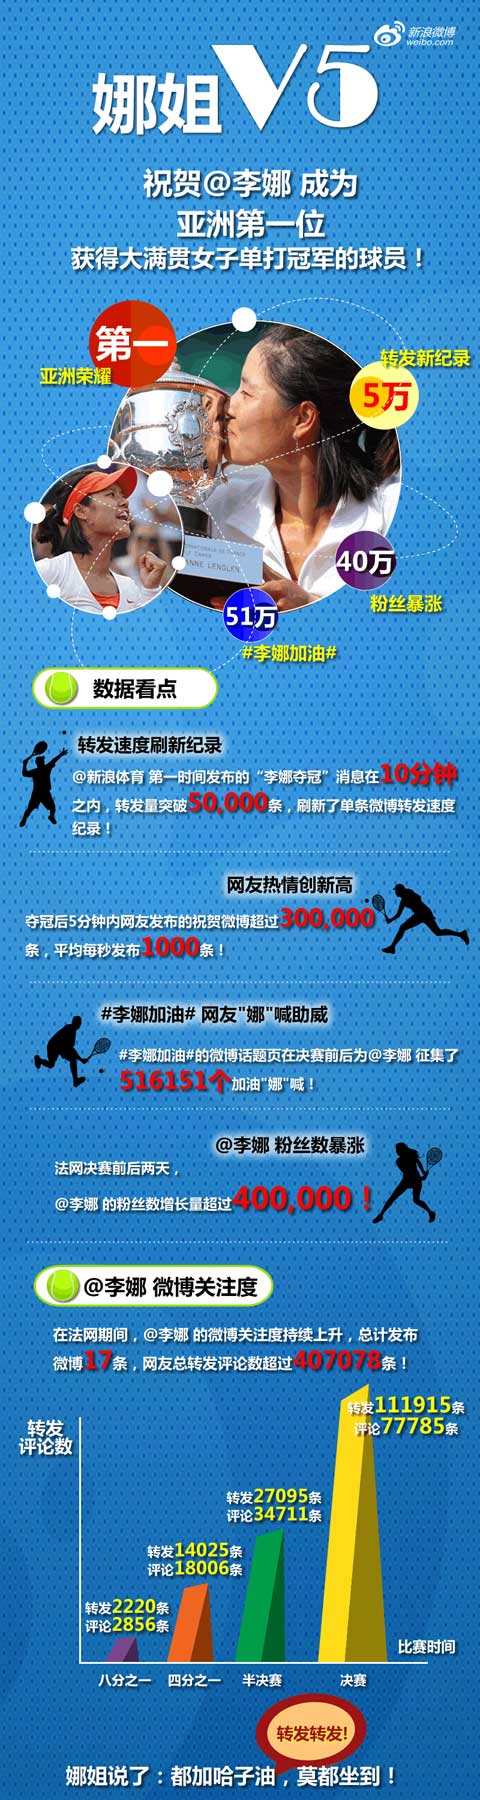 李娜微博Infographic